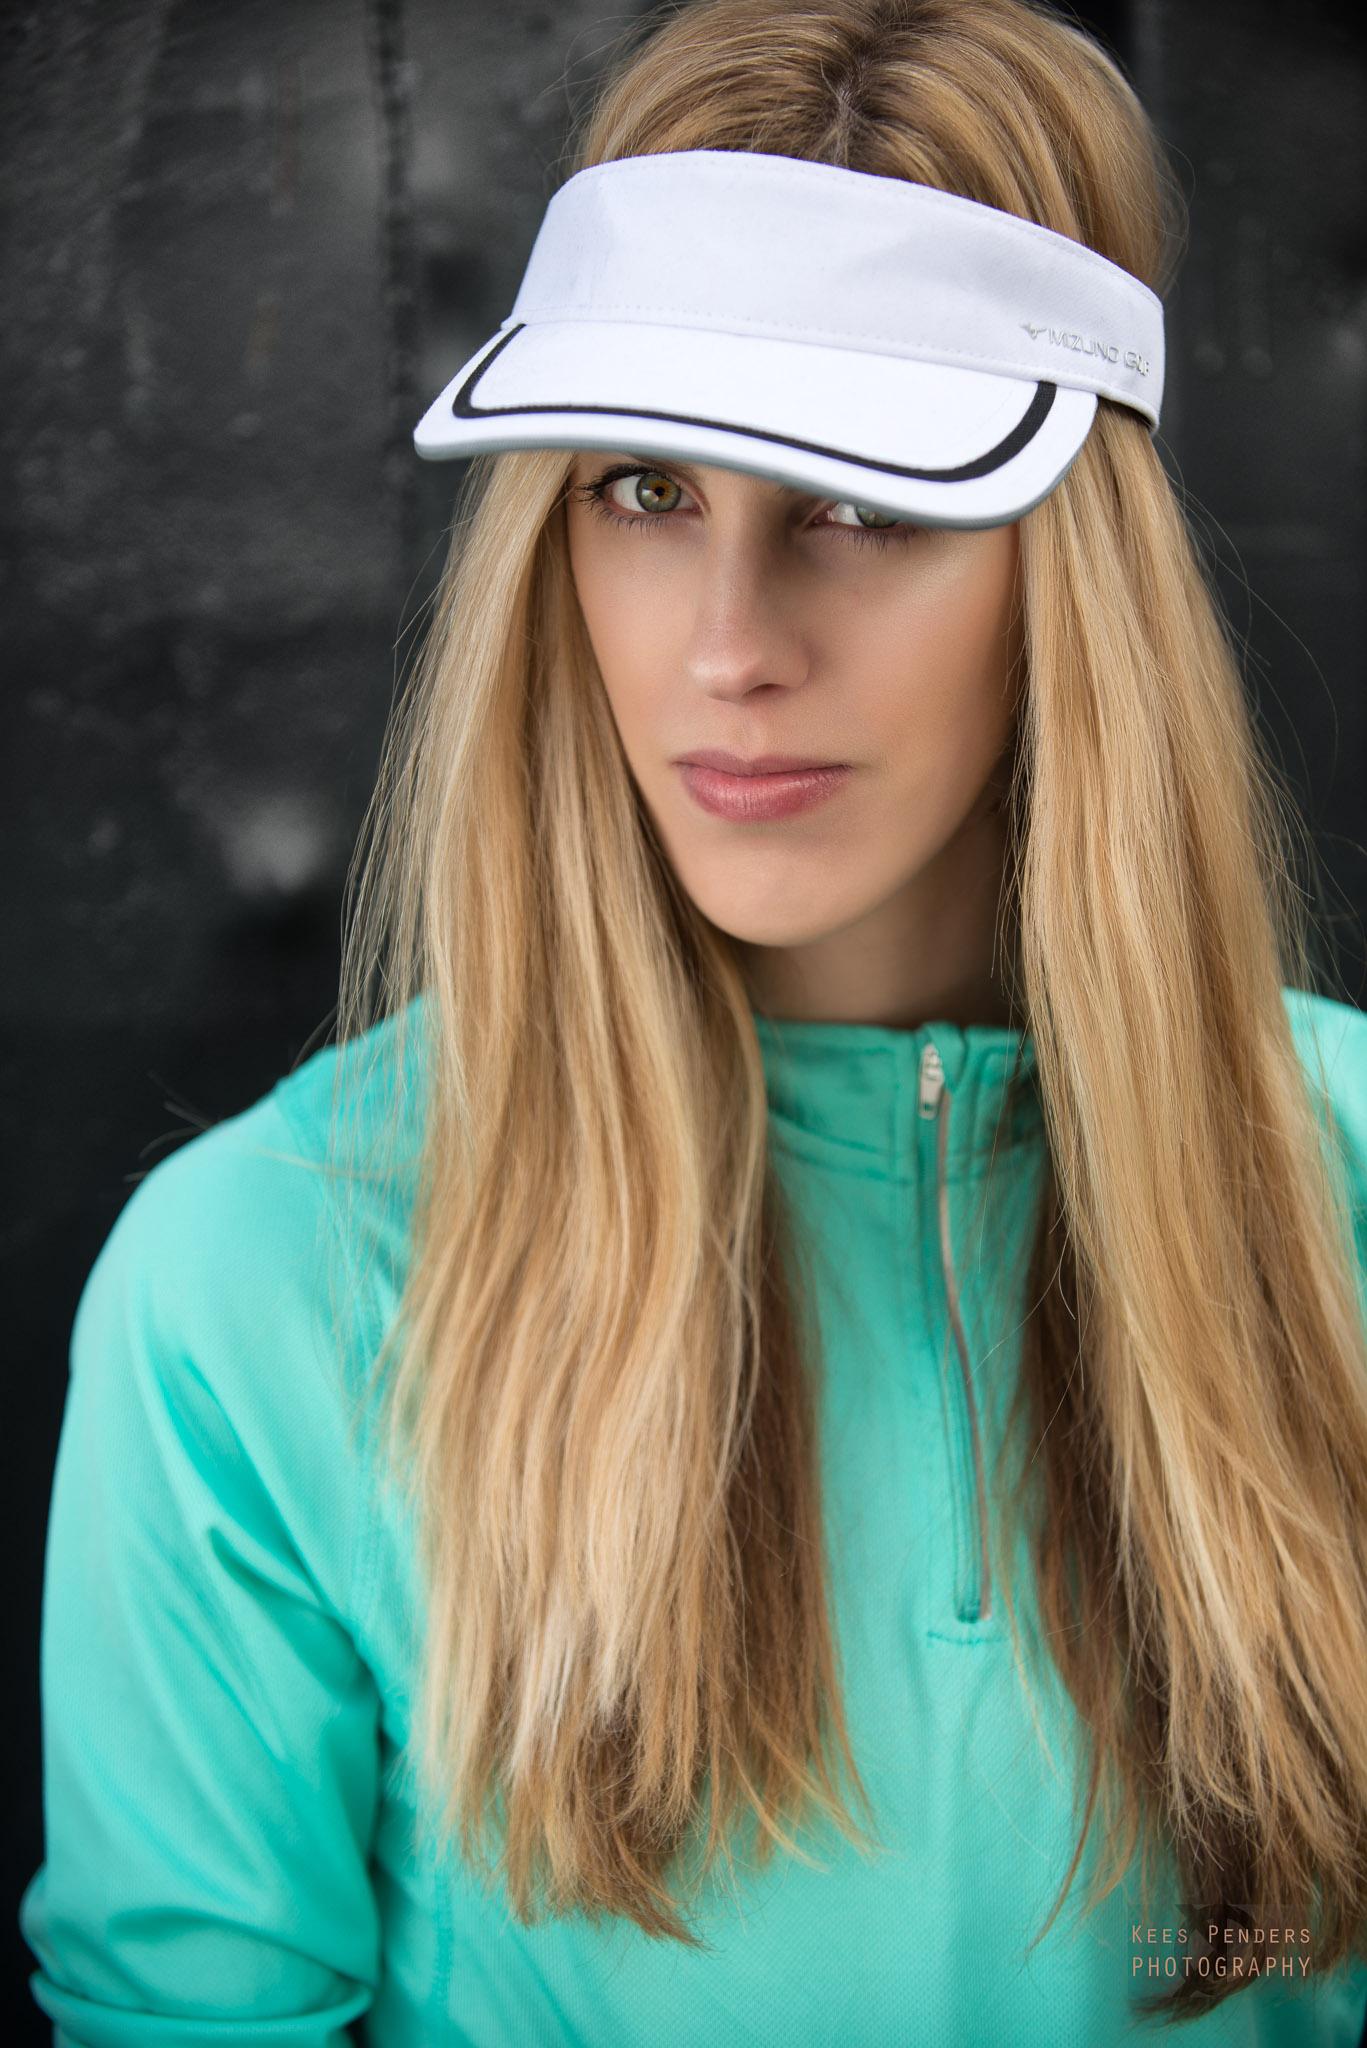 Denise Sports Fashion